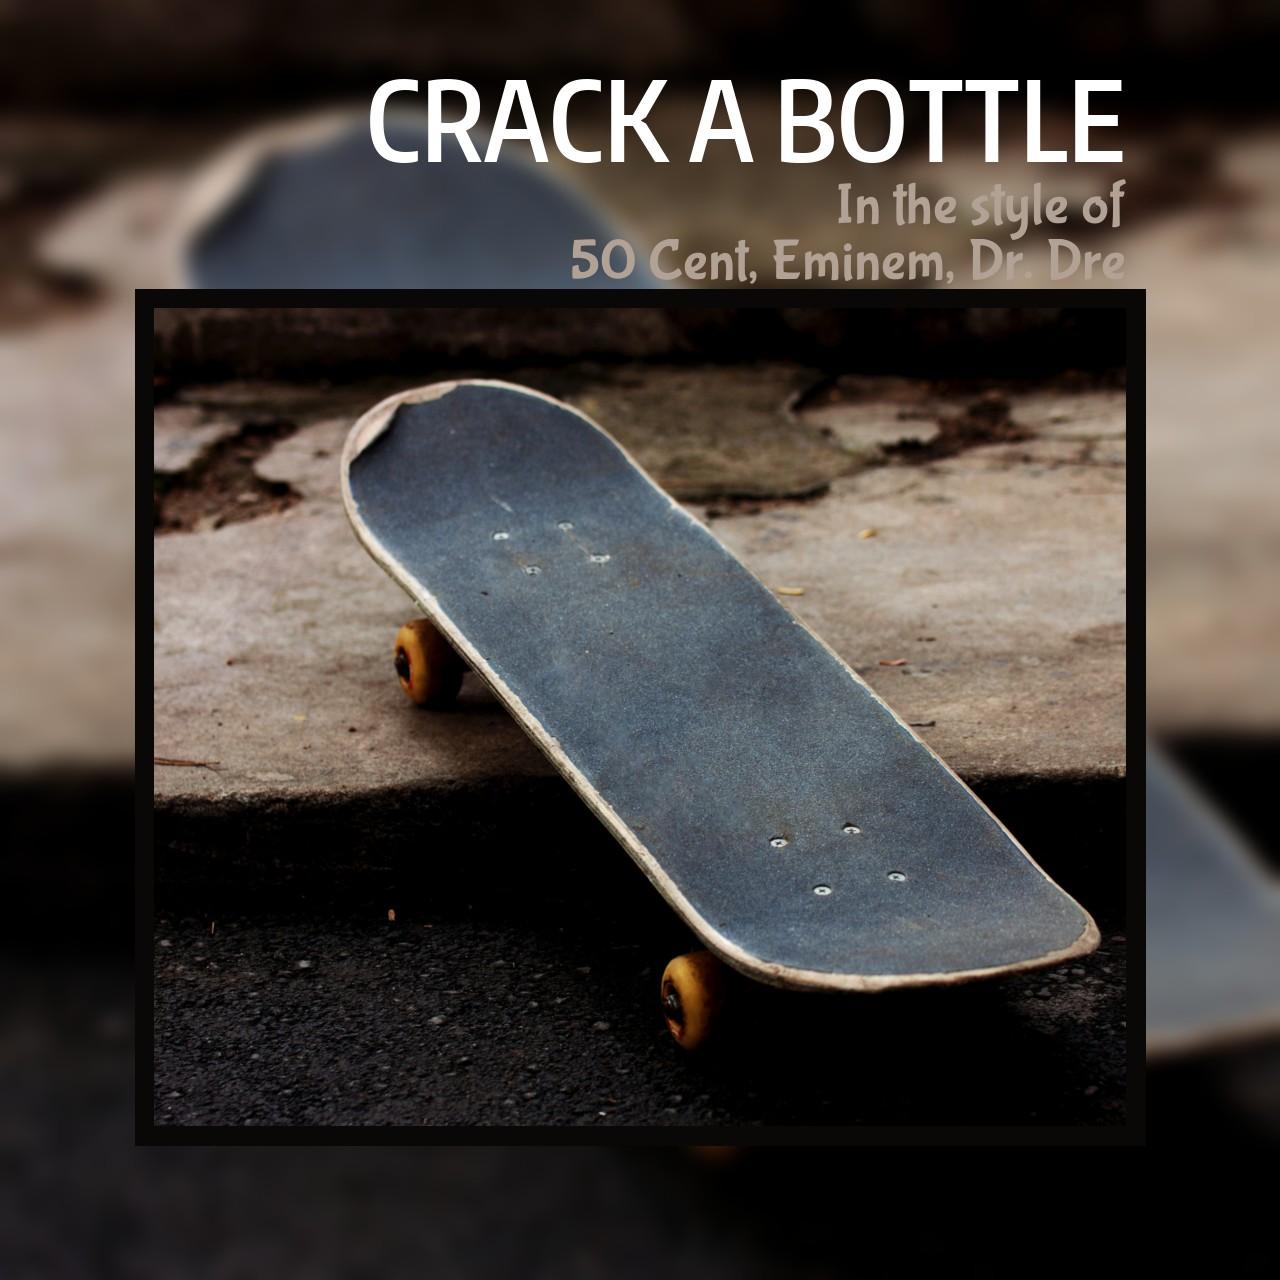 eminem crack a bottle best